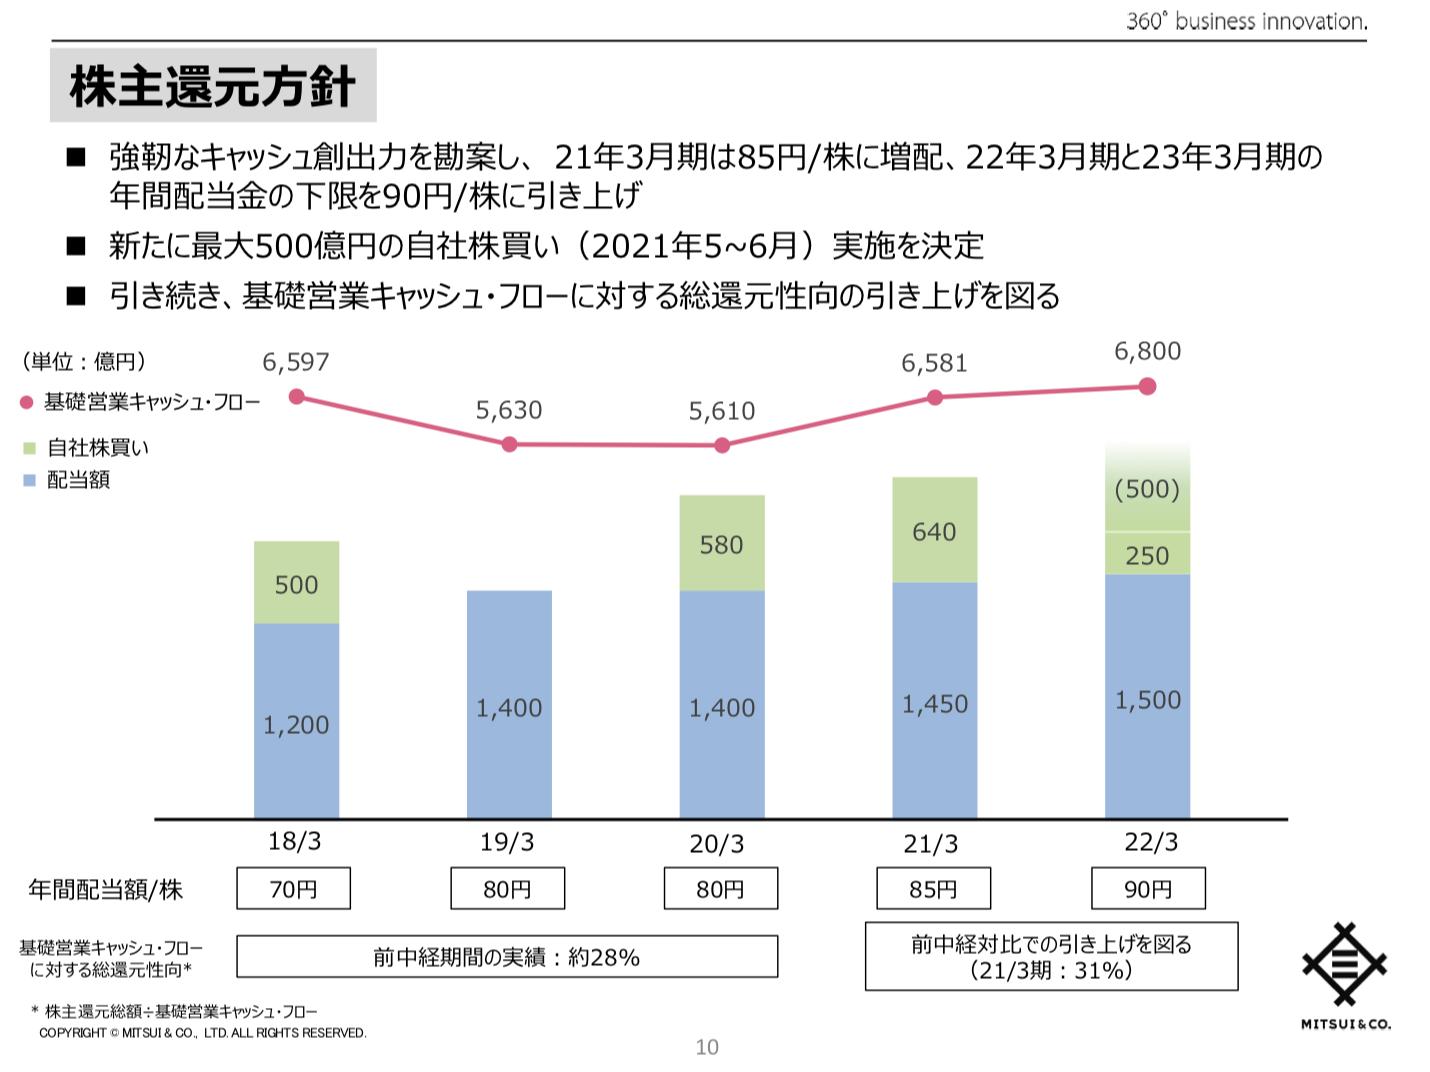 三井物産株式会社 中期経営計画2023の進捗 及び 2022年3月期事業計画 ~変革と成長~ 新たなステージに向けたコミットメント